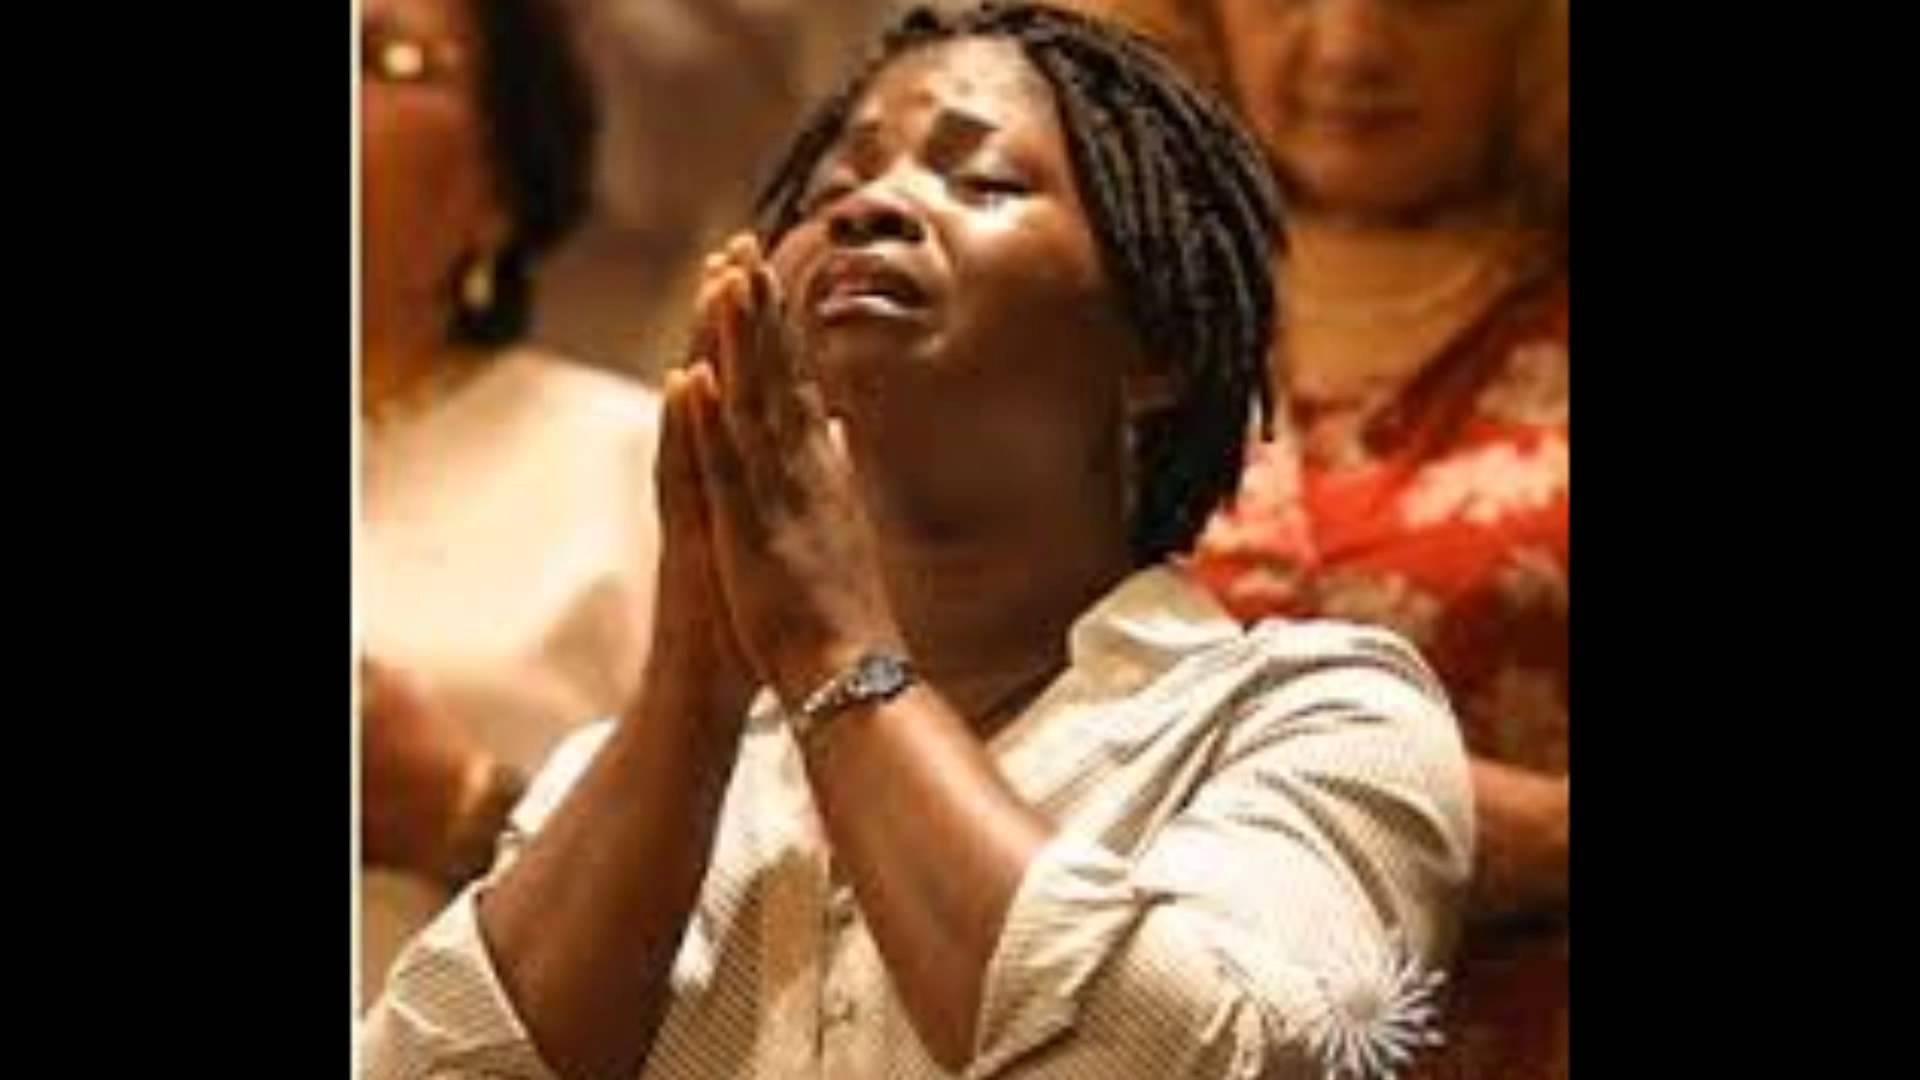 Praying Struggle